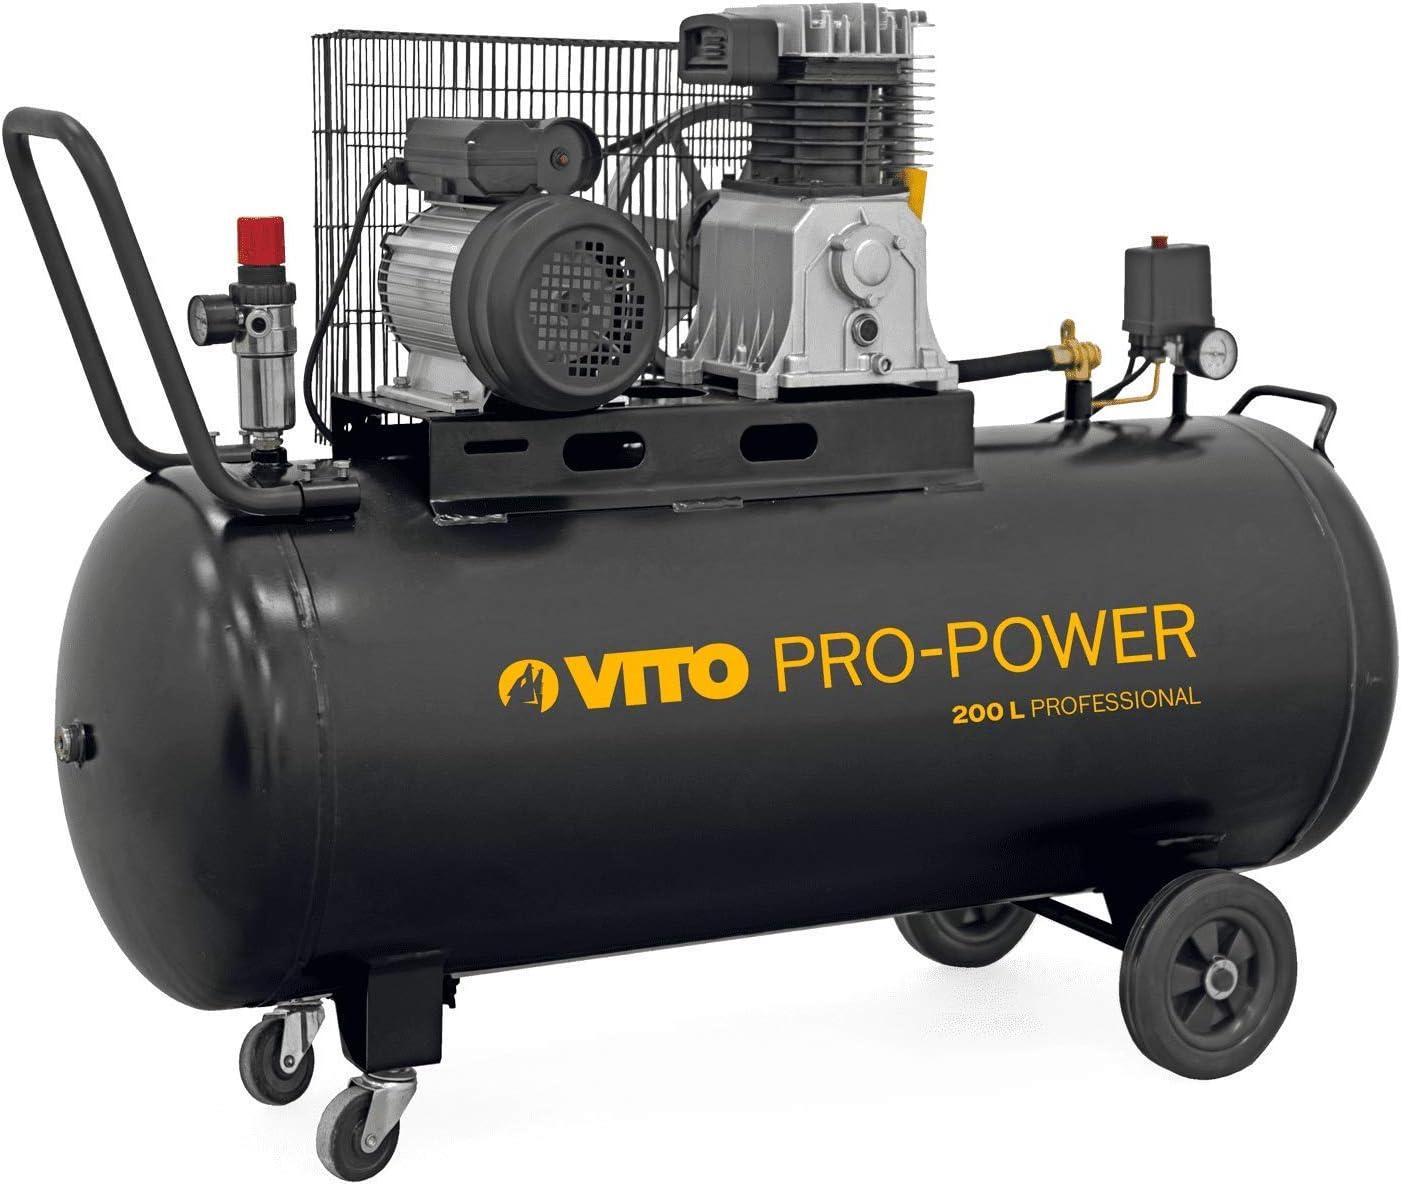 Vito Pro Power 200 Liter Kompressor 230v 3 Ps 10 Bar Eingestellter Betriebsdruck 12 Bar Max 300l Min Ölgeschmiertes 2 Zylinder Reihen 200l Kompressor Baumarkt